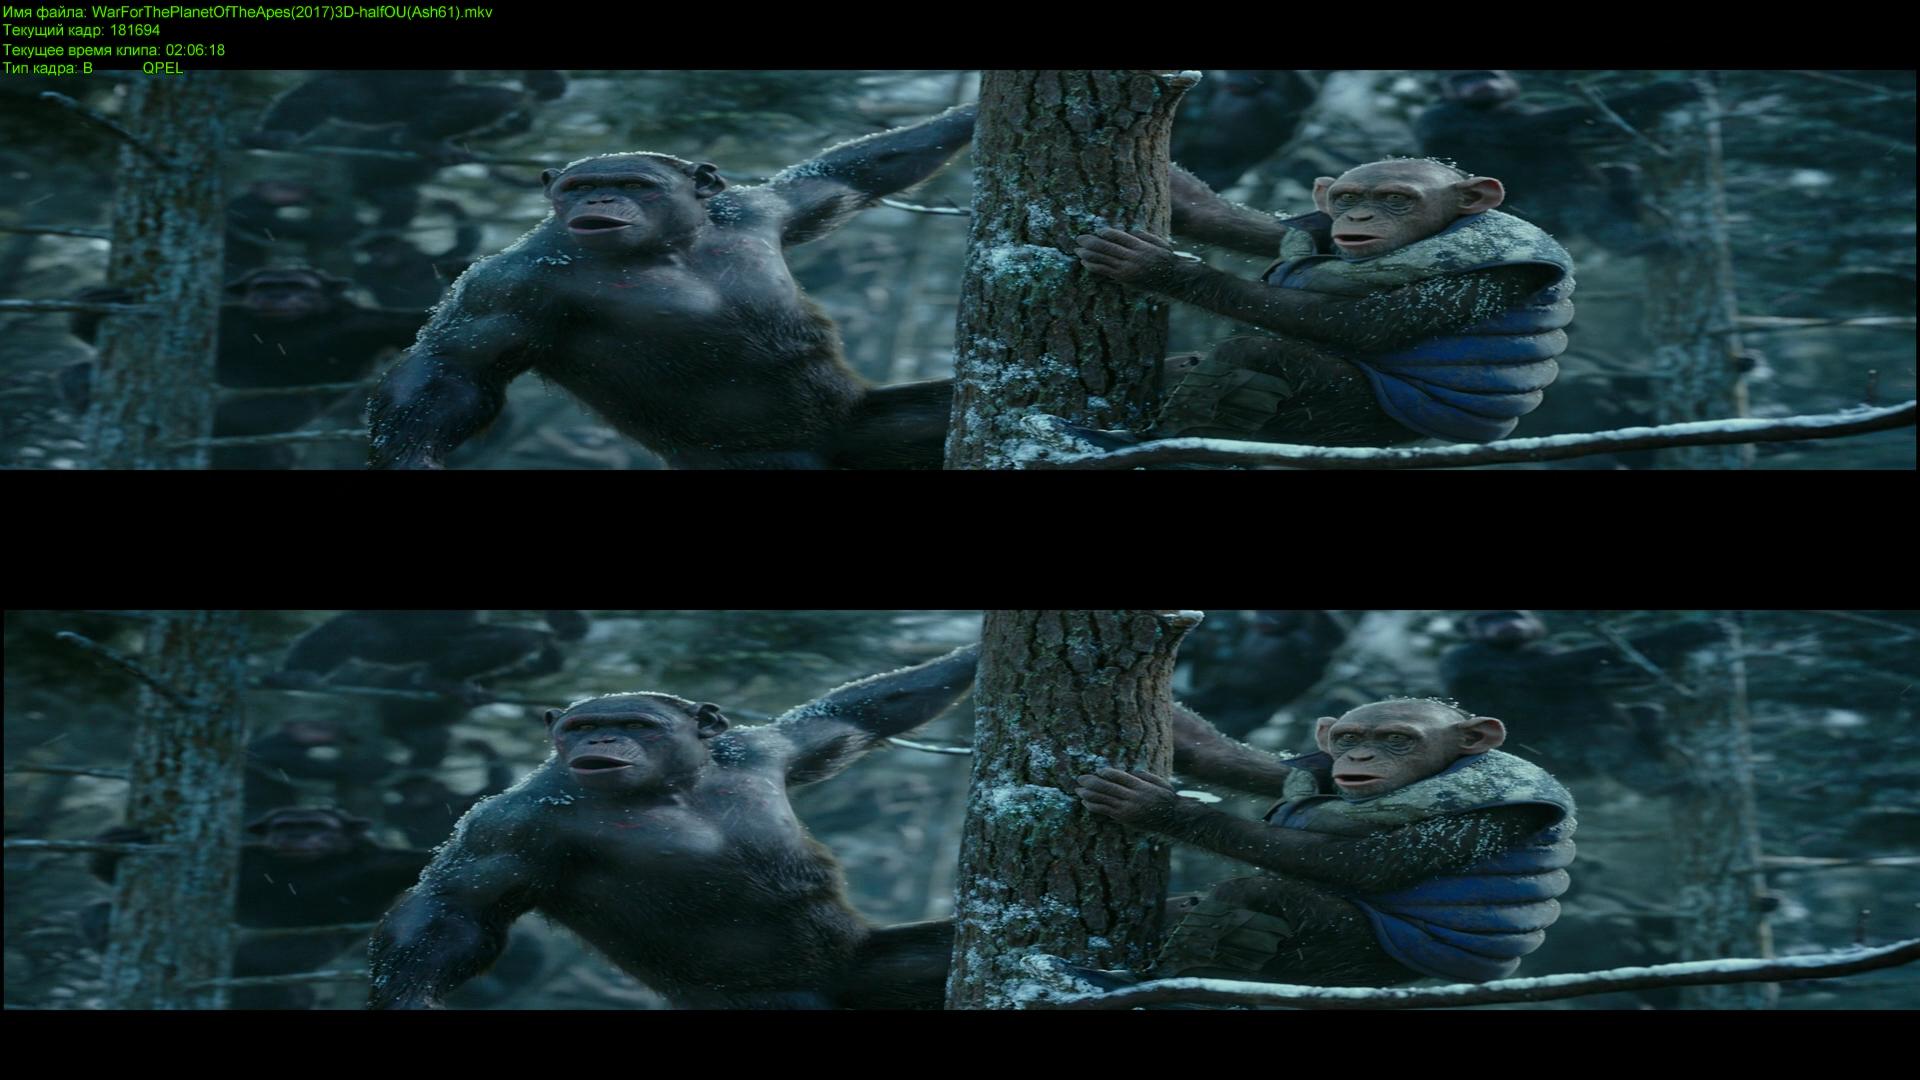 планета обезьян 3d фильмы скачать торрент